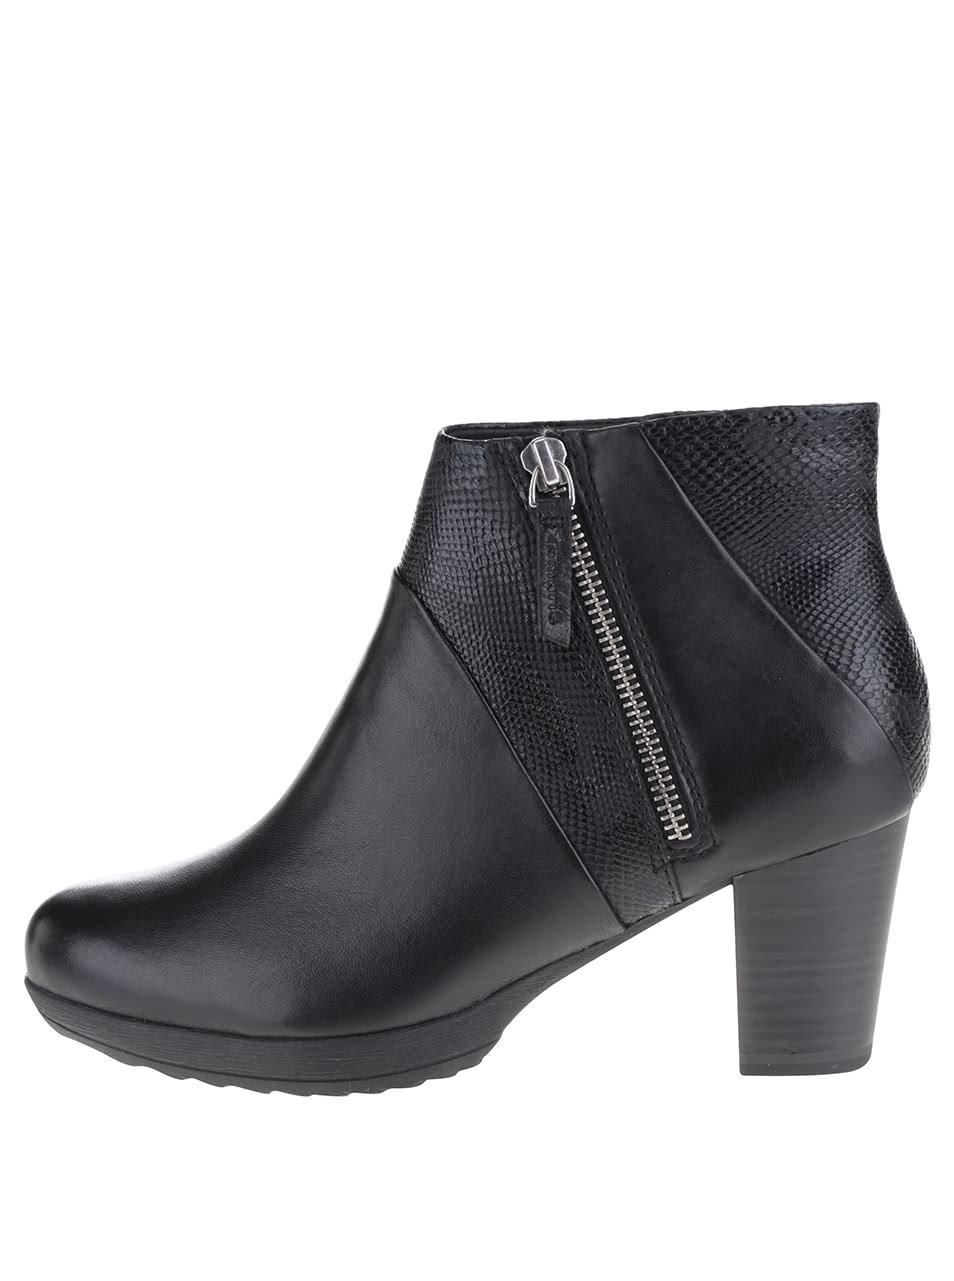 c505ac7d84149 Čierne vzorované členkové topánky na podpätku Tamaris | ZOOT.sk